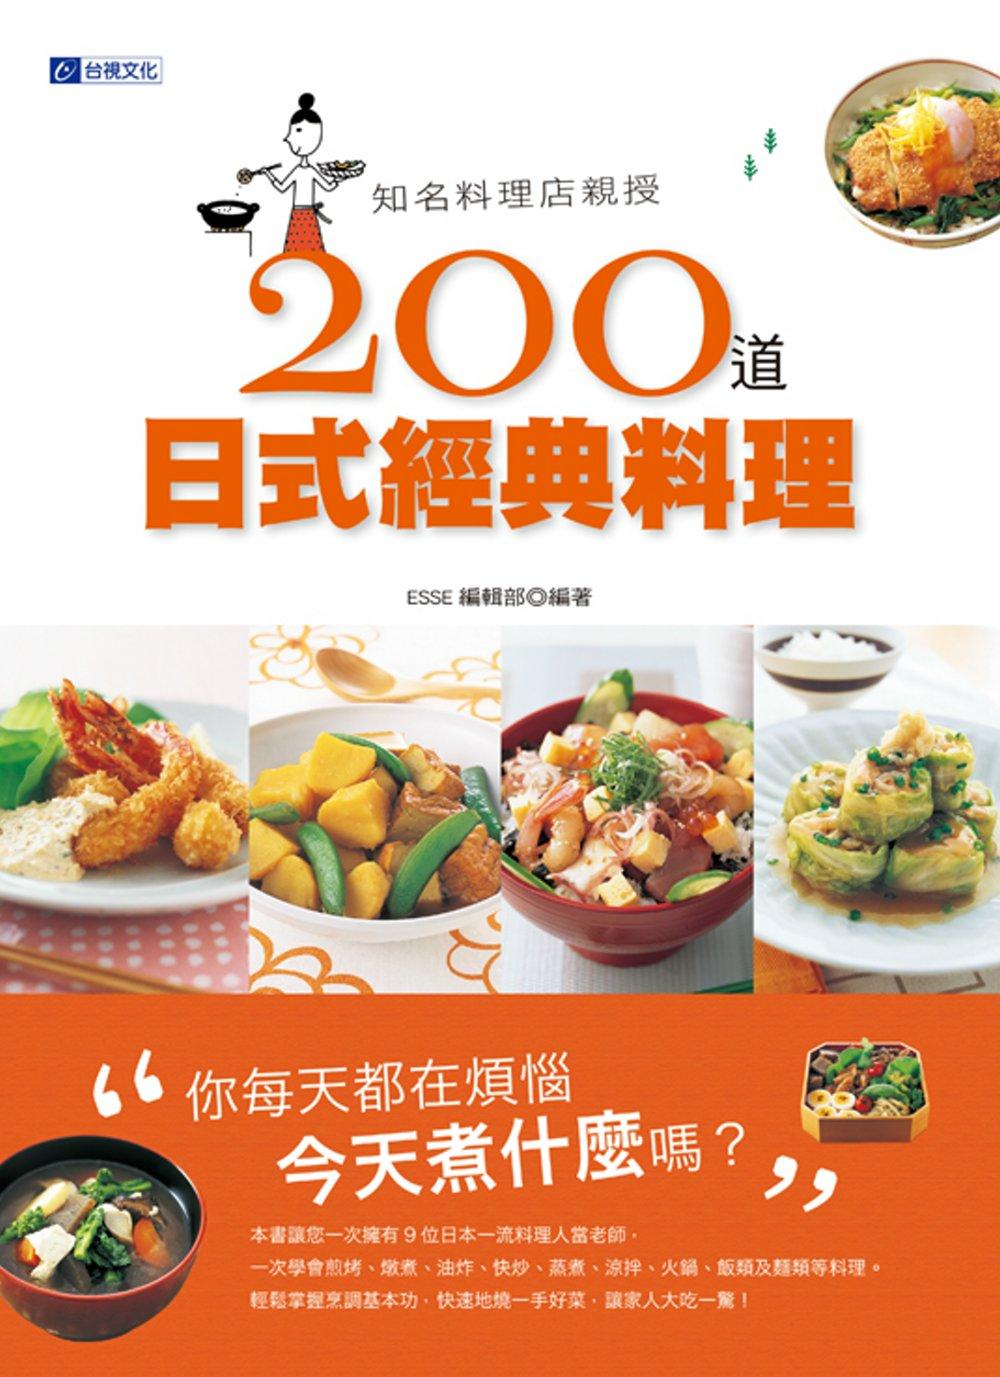 知名料理店親授200道日式經典料理